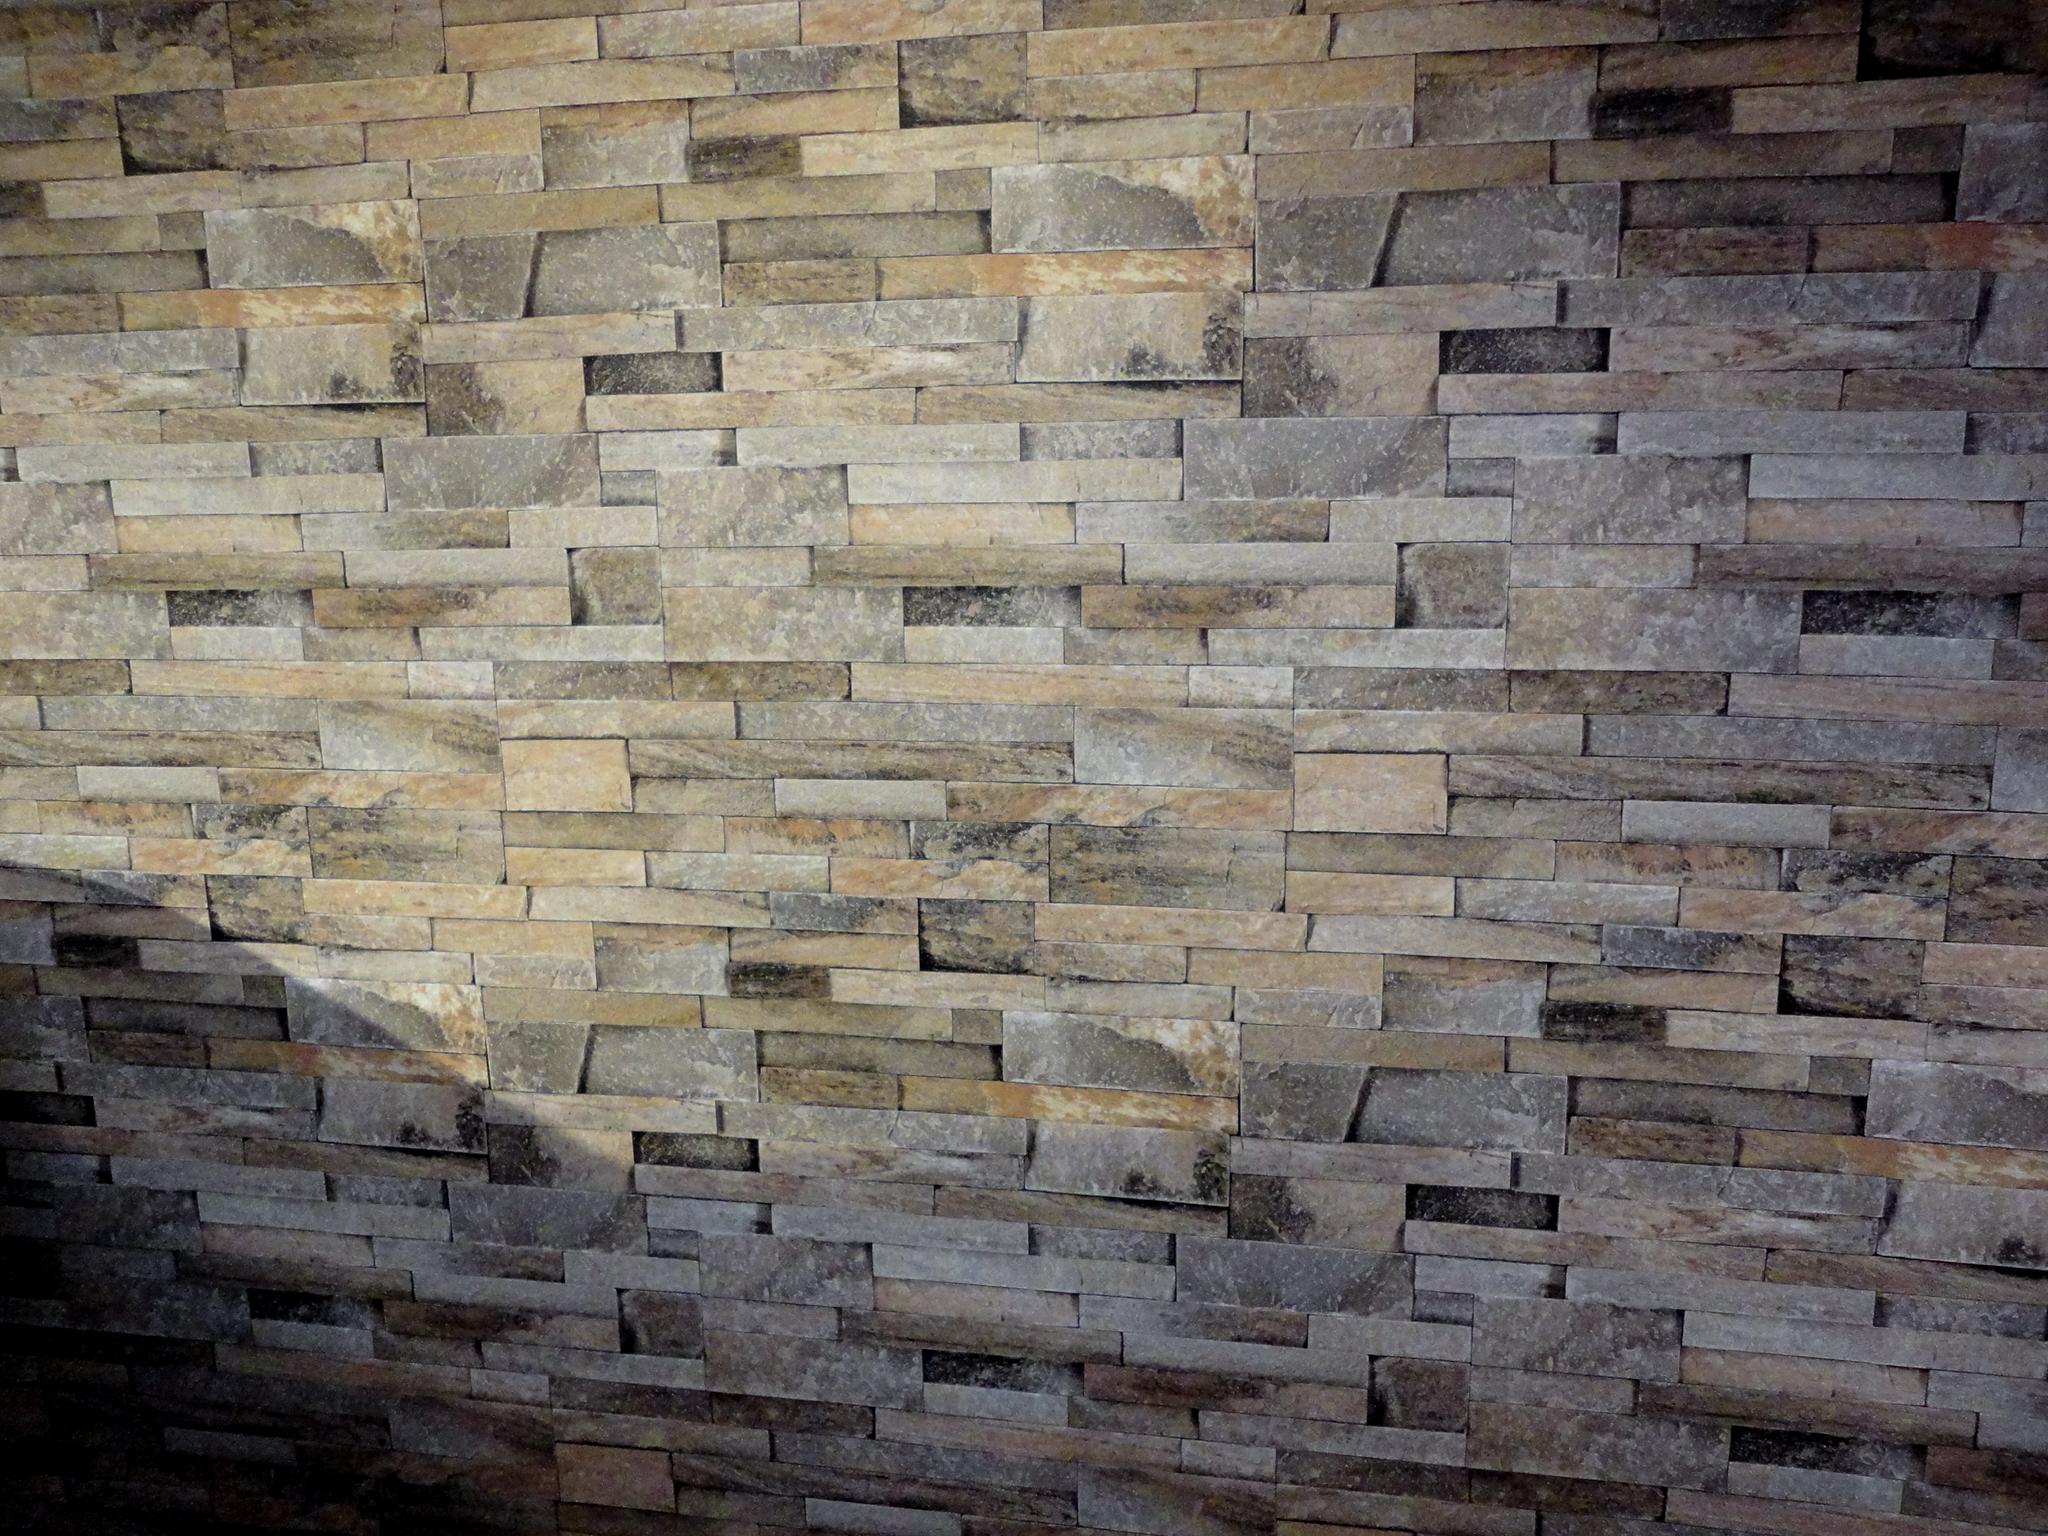 上品な石造り壁紙